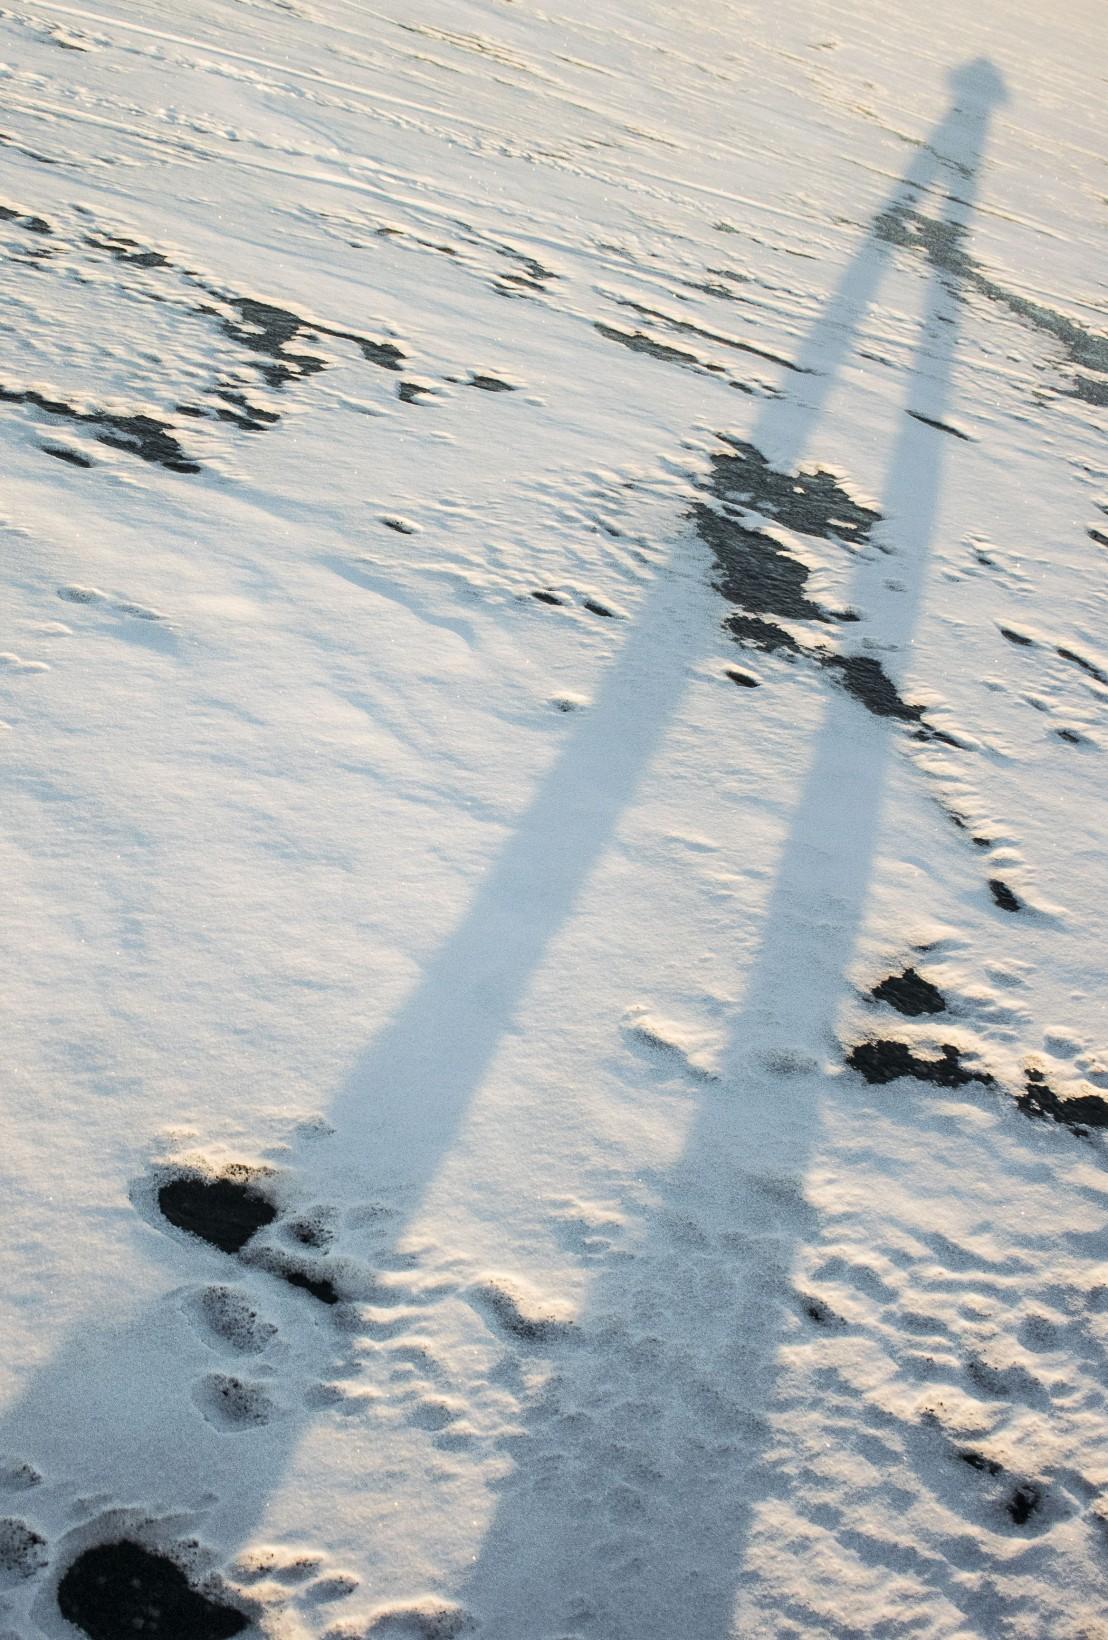 DSC_1648_JesperAnderssonPhotography3,7x2,5